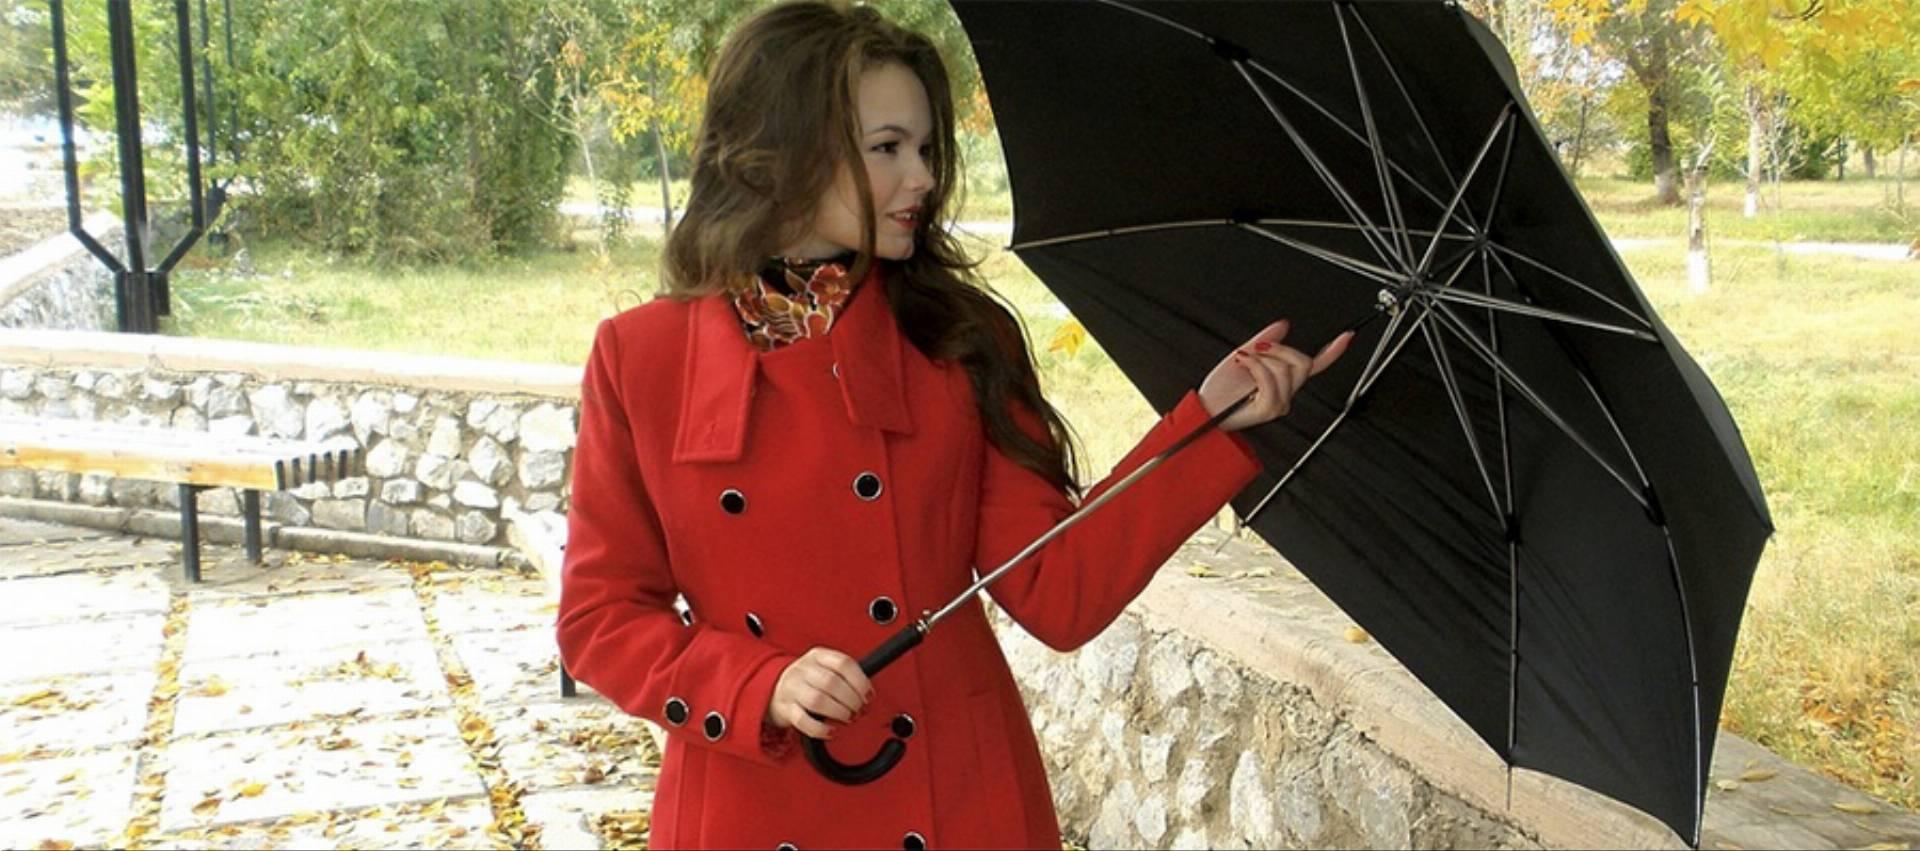 parasol-deszcz-jesien-kobieta